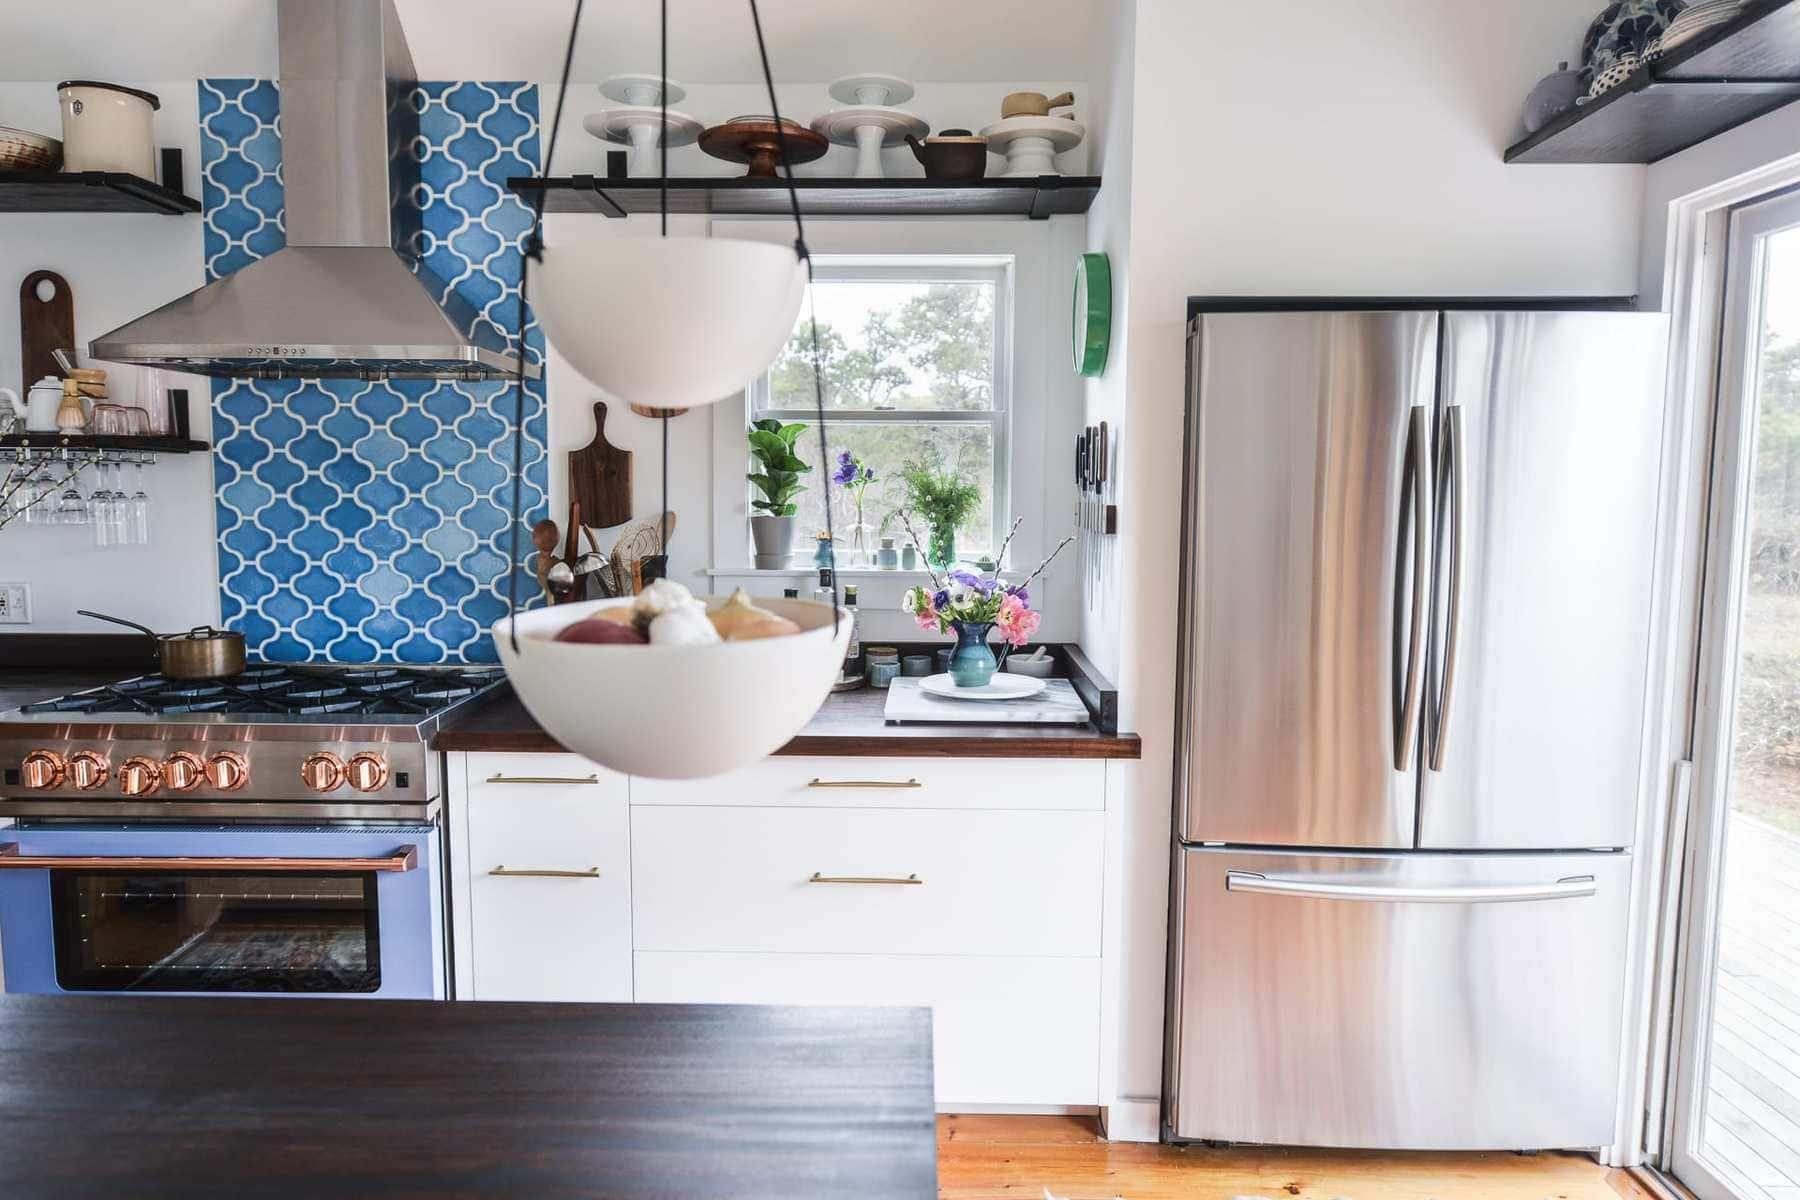 Fare Isle | Kitchen Remodel - Samsung Home Appliances